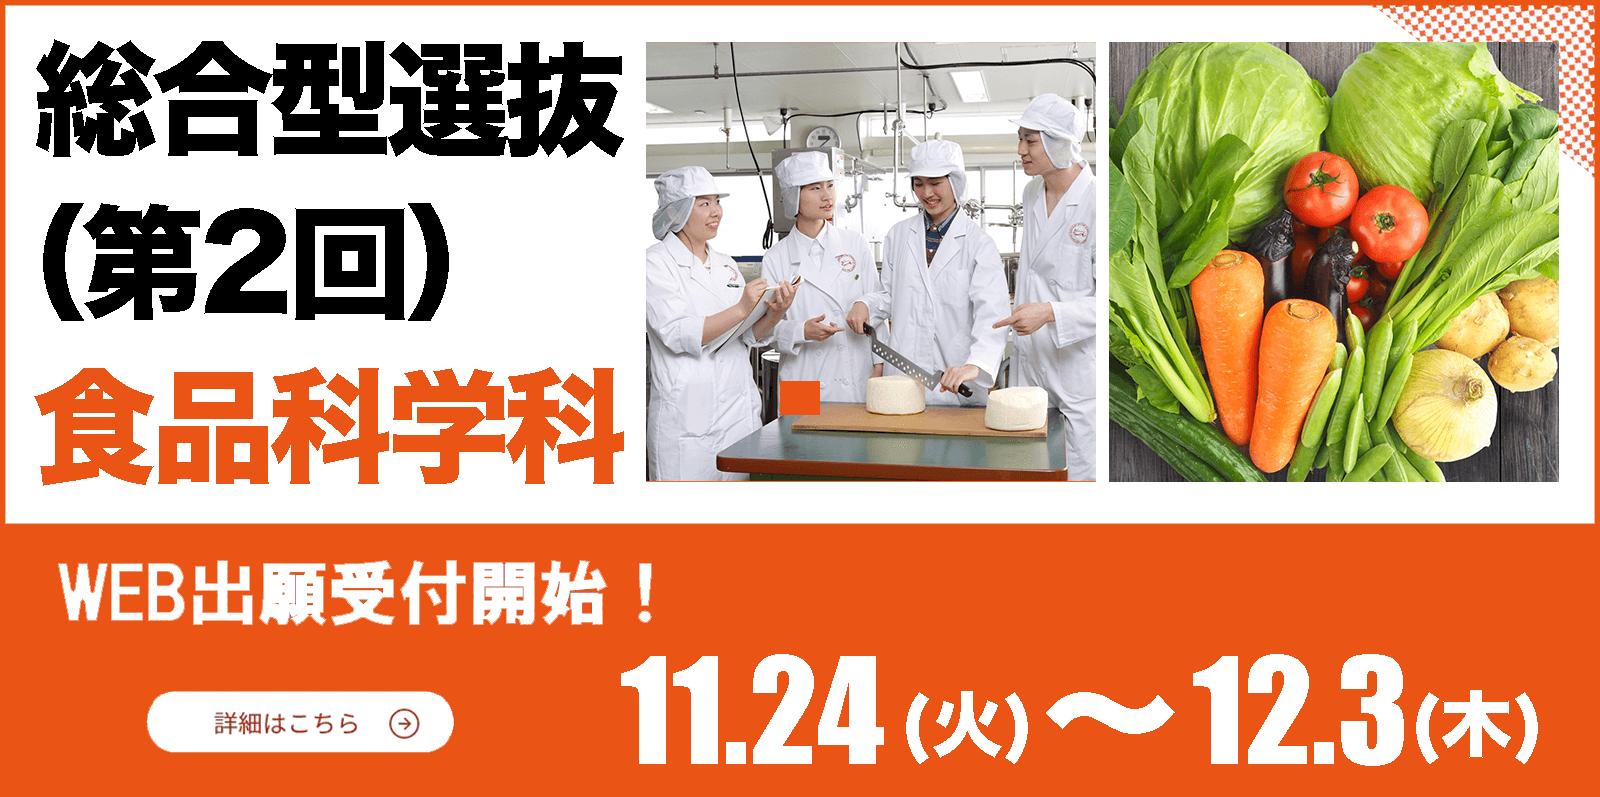 総合型選抜(第2回)食品科学科の出願受付を開始します。 11月24日~12月3日